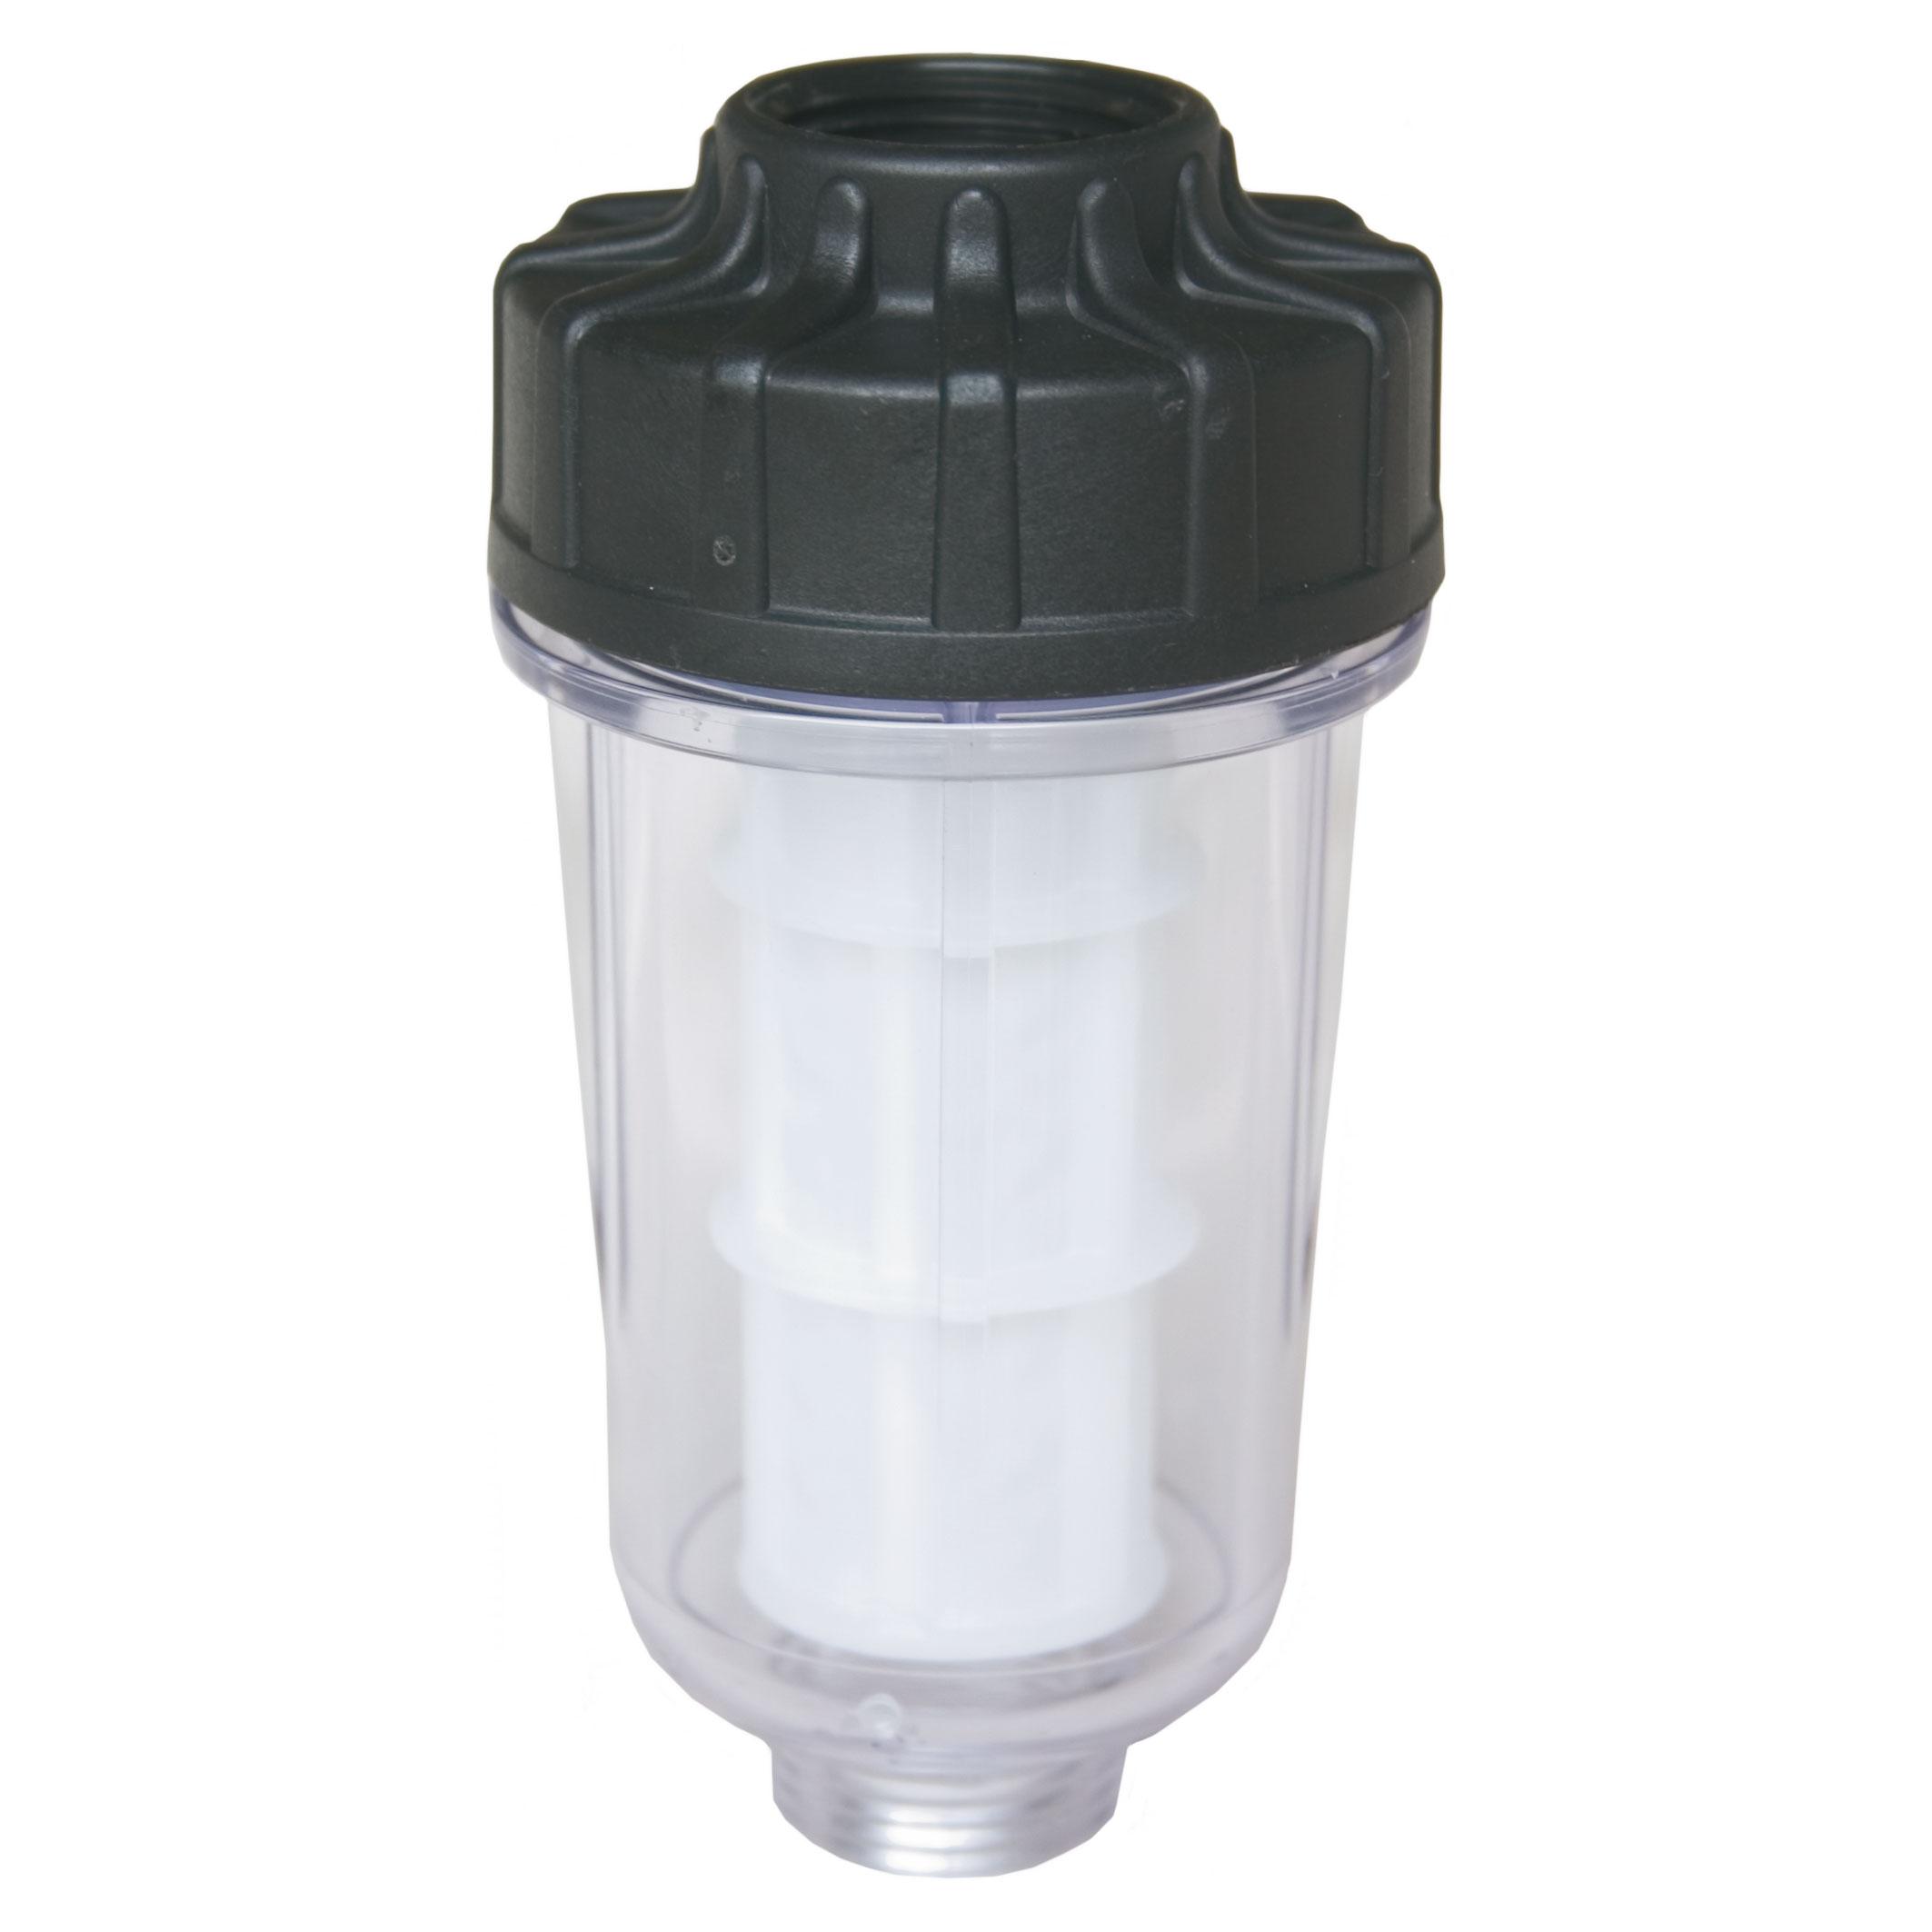 Filtre d'alimentation d'eau complet avec élément filtrant PVC. 60 microns. Max. 10 bar - 50 l/min - 50 °C